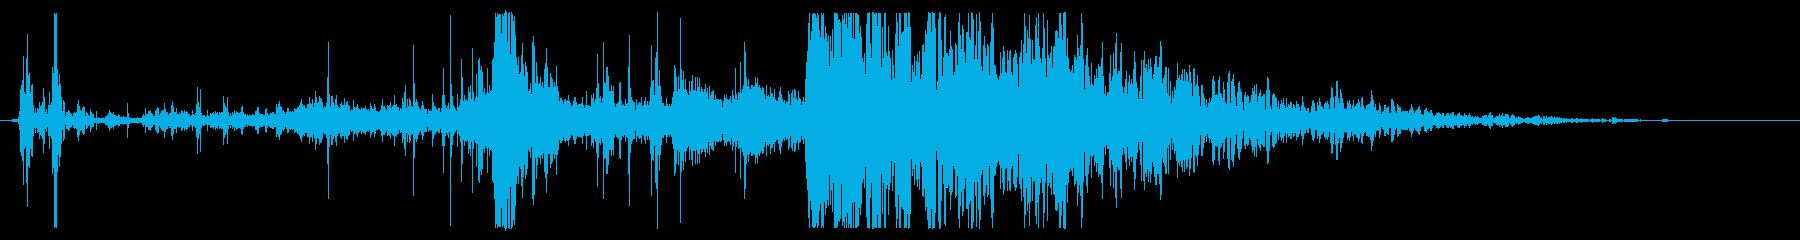 植生のローリングウッドクラッシュの再生済みの波形